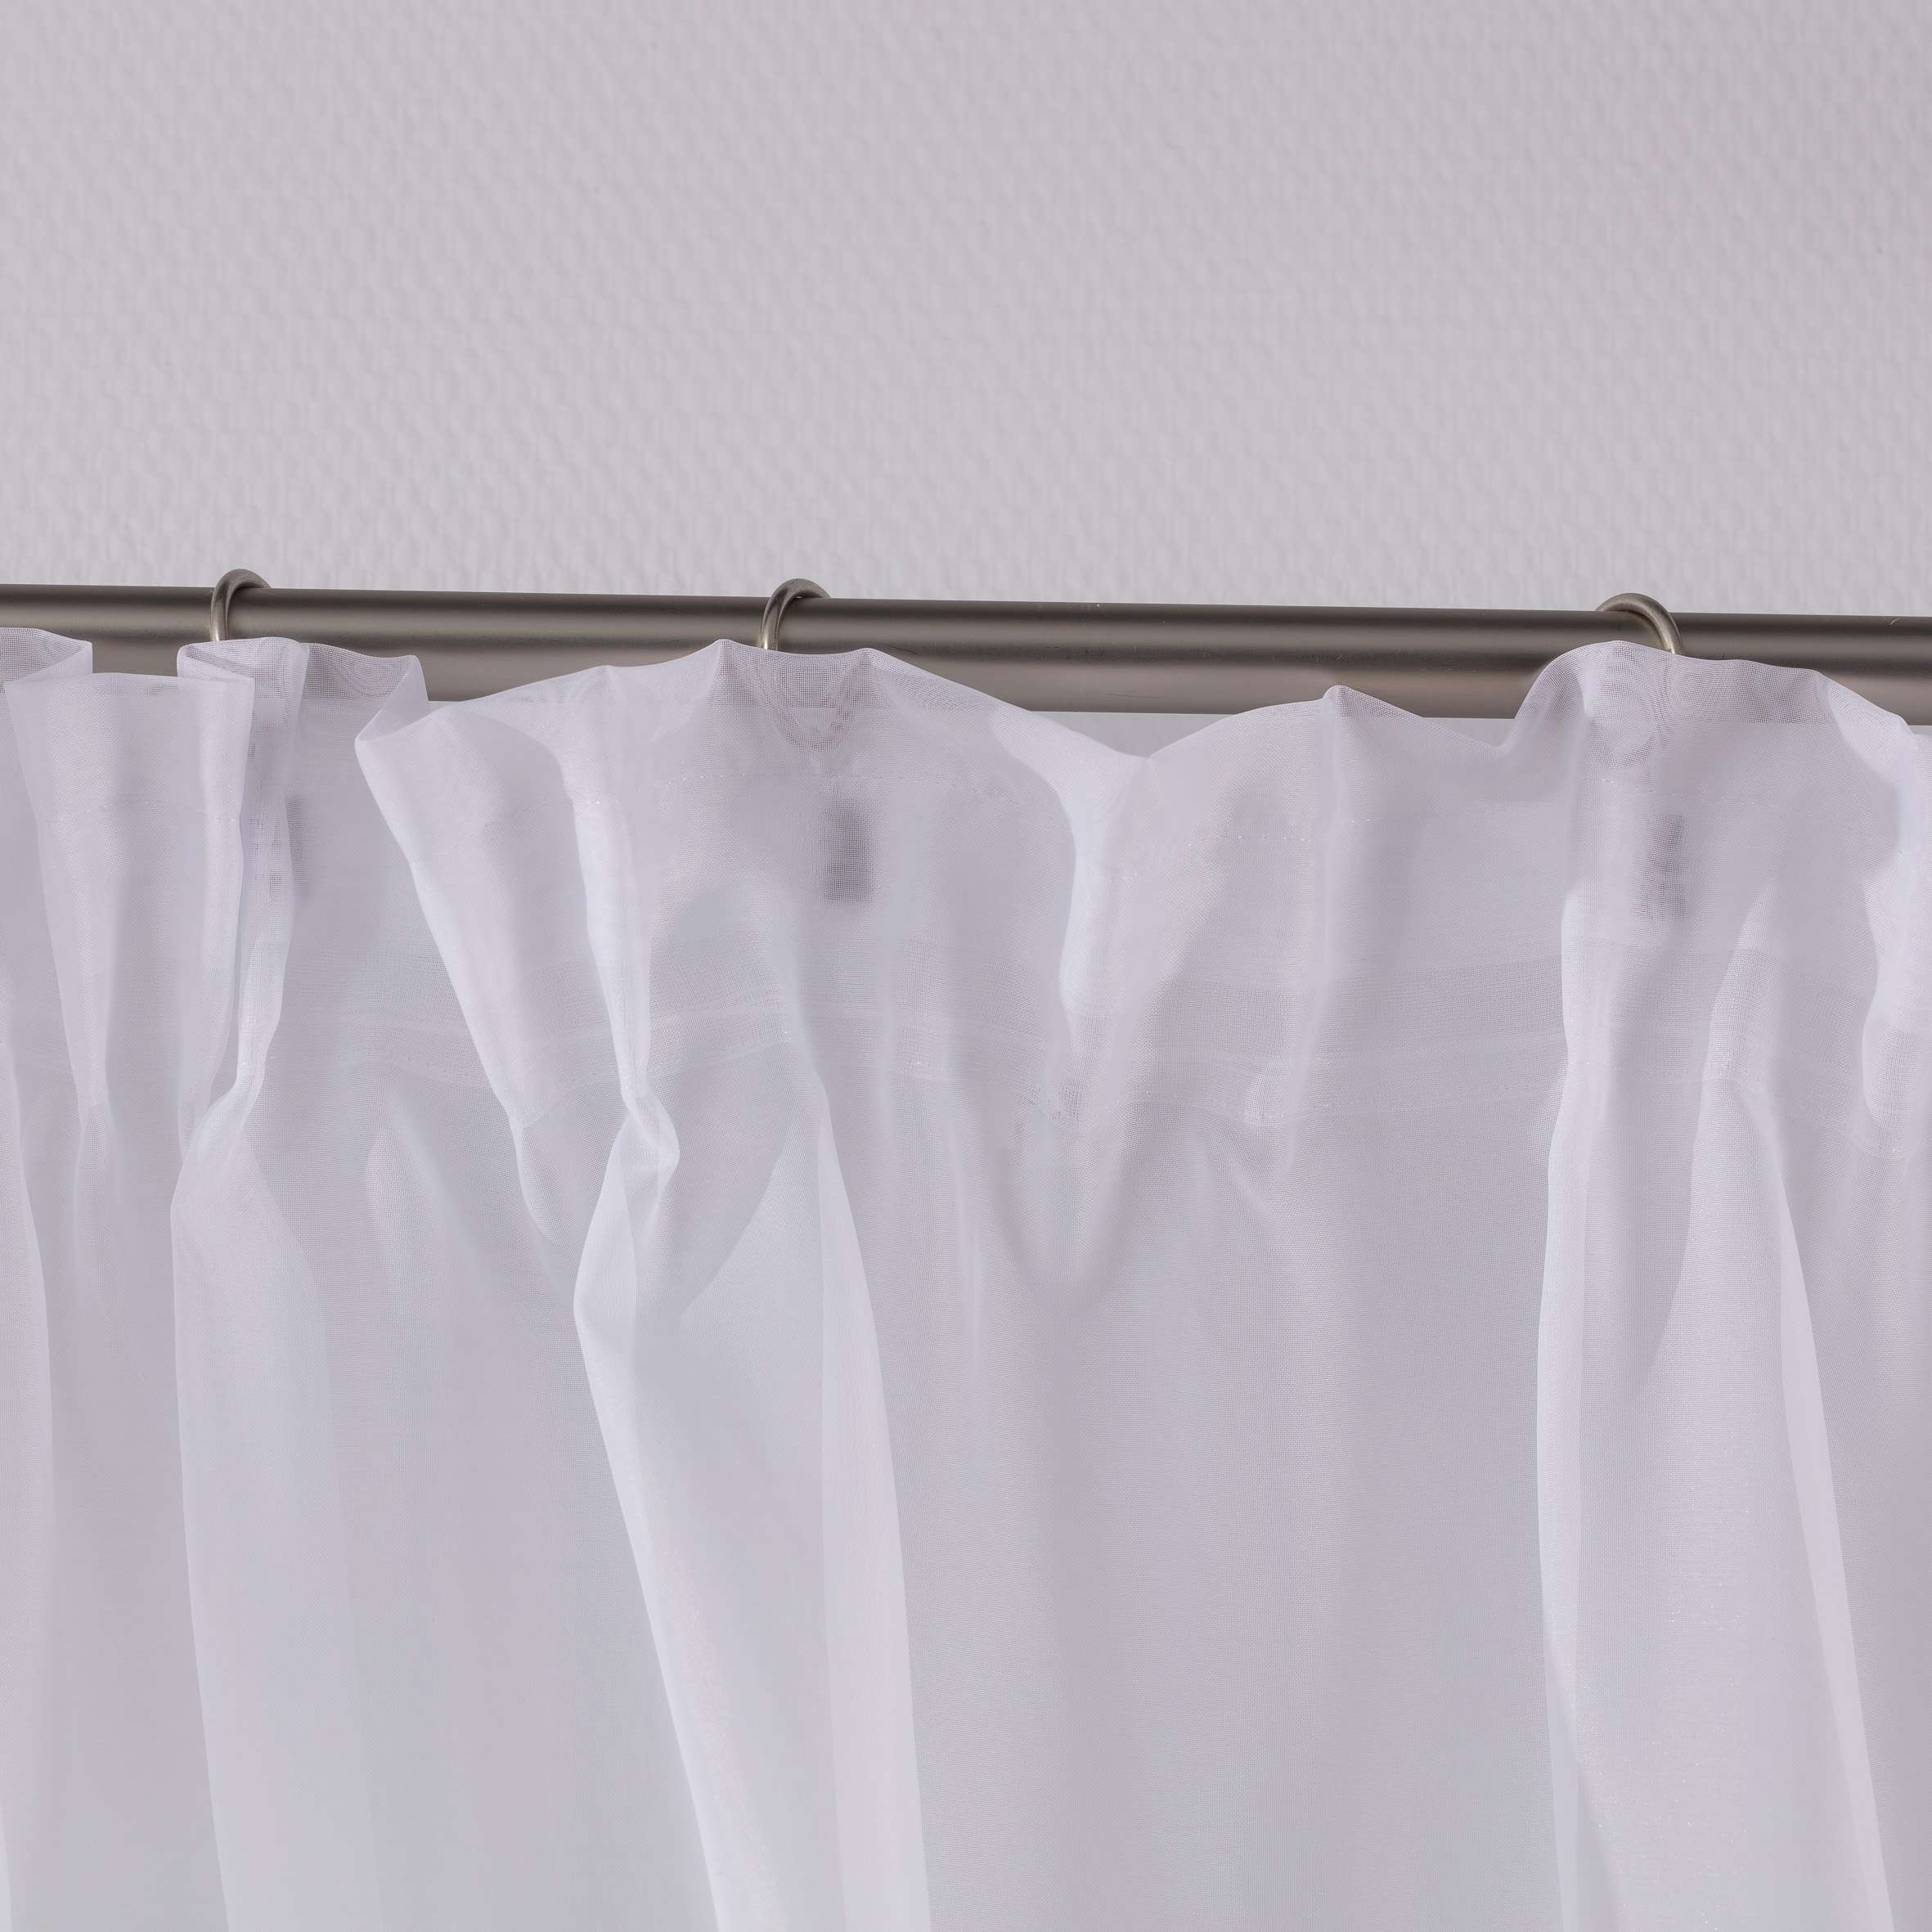 Záclonky Lily 2 ks.,  voál s krajkou - krátke V kolekcii Voálové záclony, tkanina: 900-00